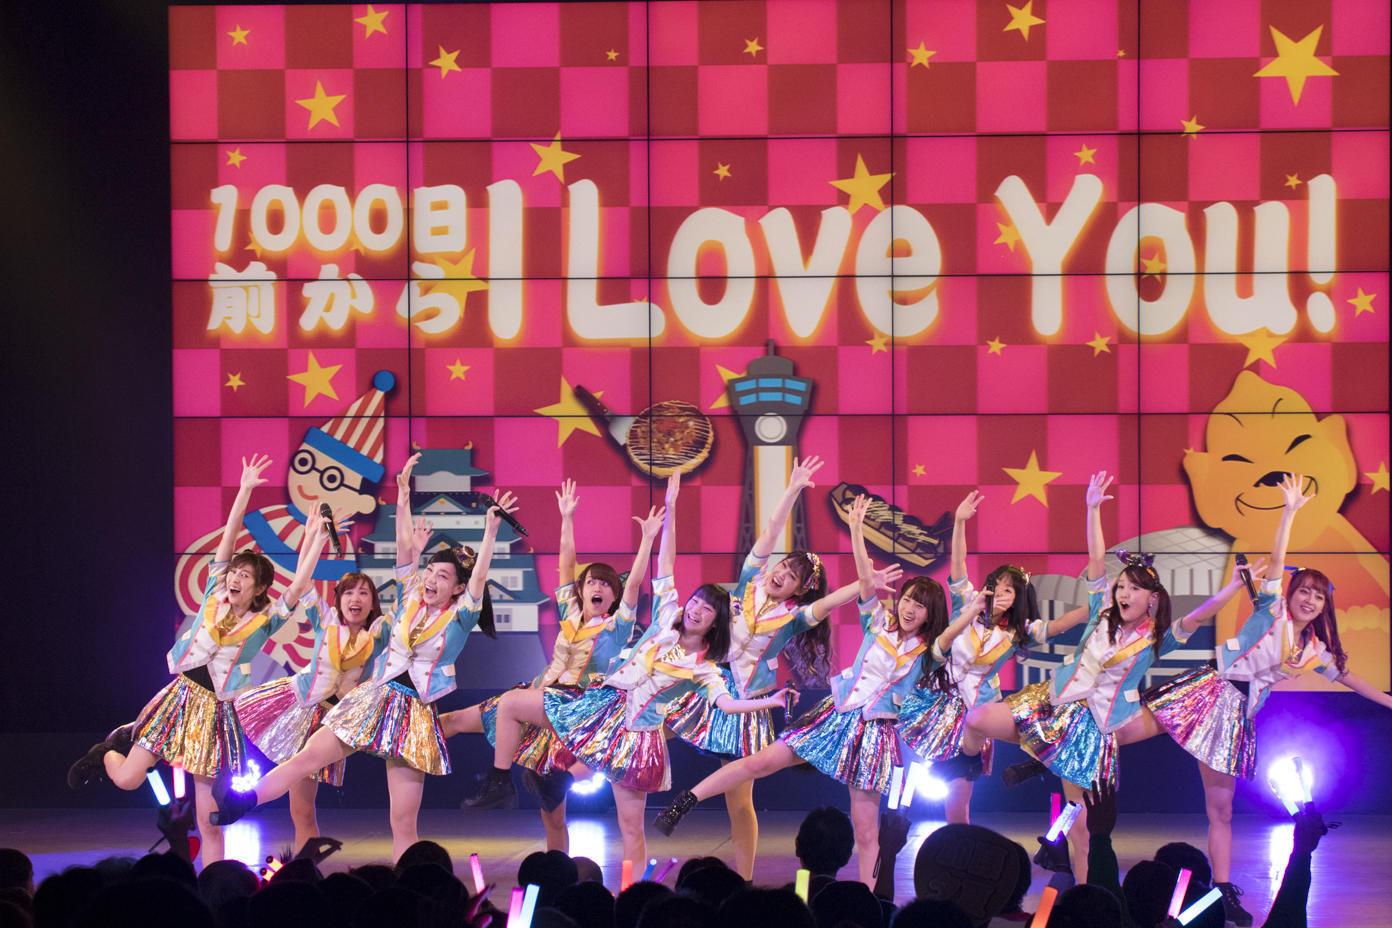 http://news.yoshimoto.co.jp/20161228122003-ad7d551c5db0aa1c1fc5d1e02ac8e84449b315f7.jpg